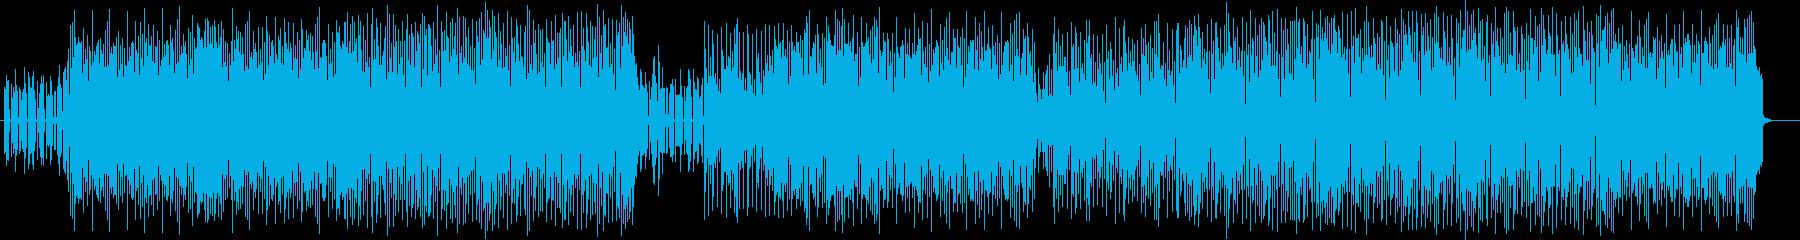 軽快で近未来的なテクノポップスの再生済みの波形